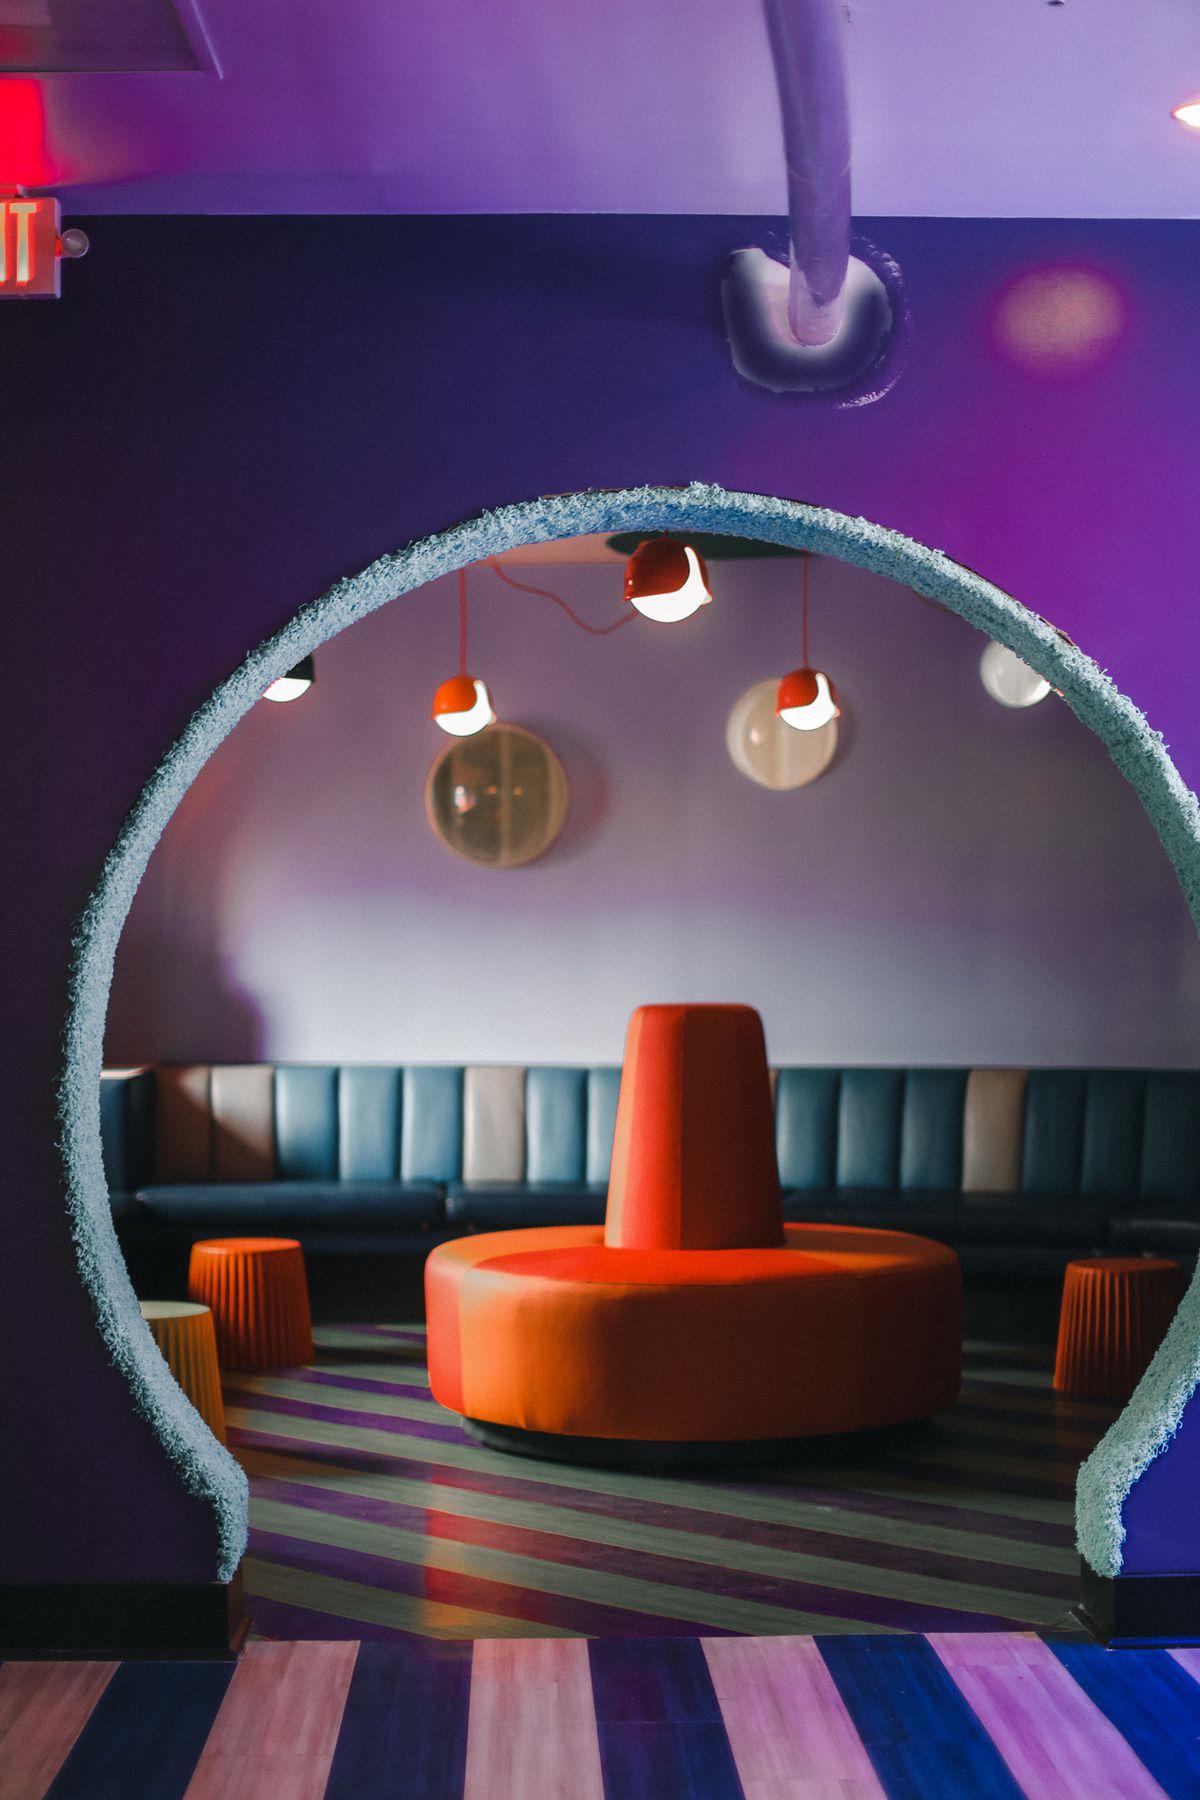 The bubble room at Wonder Bar